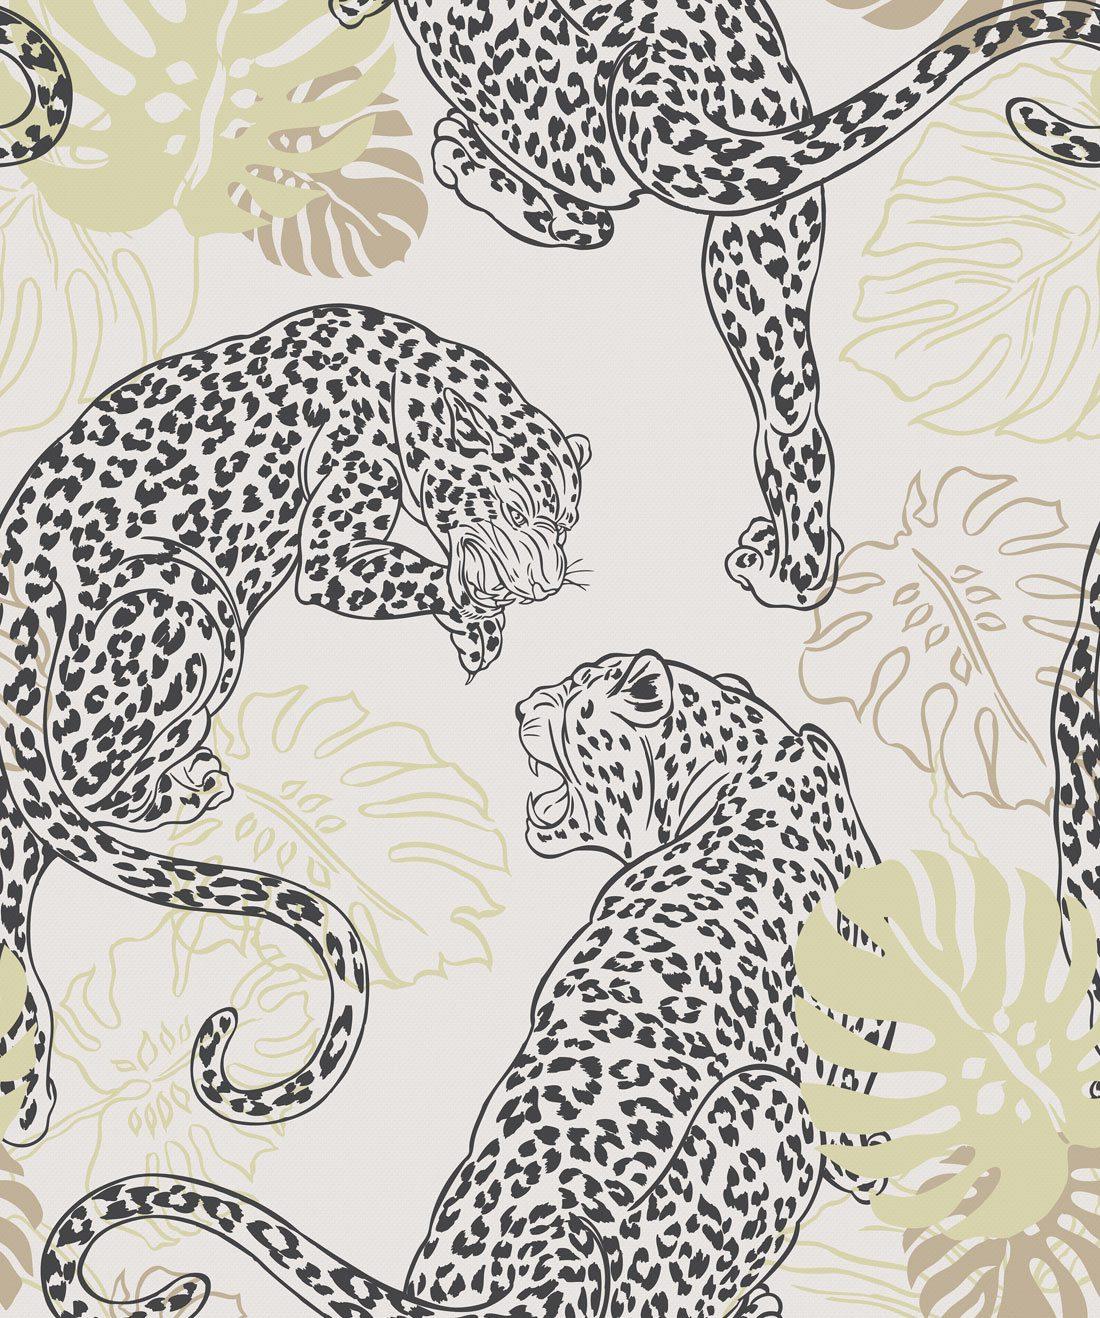 Leopard Jungle